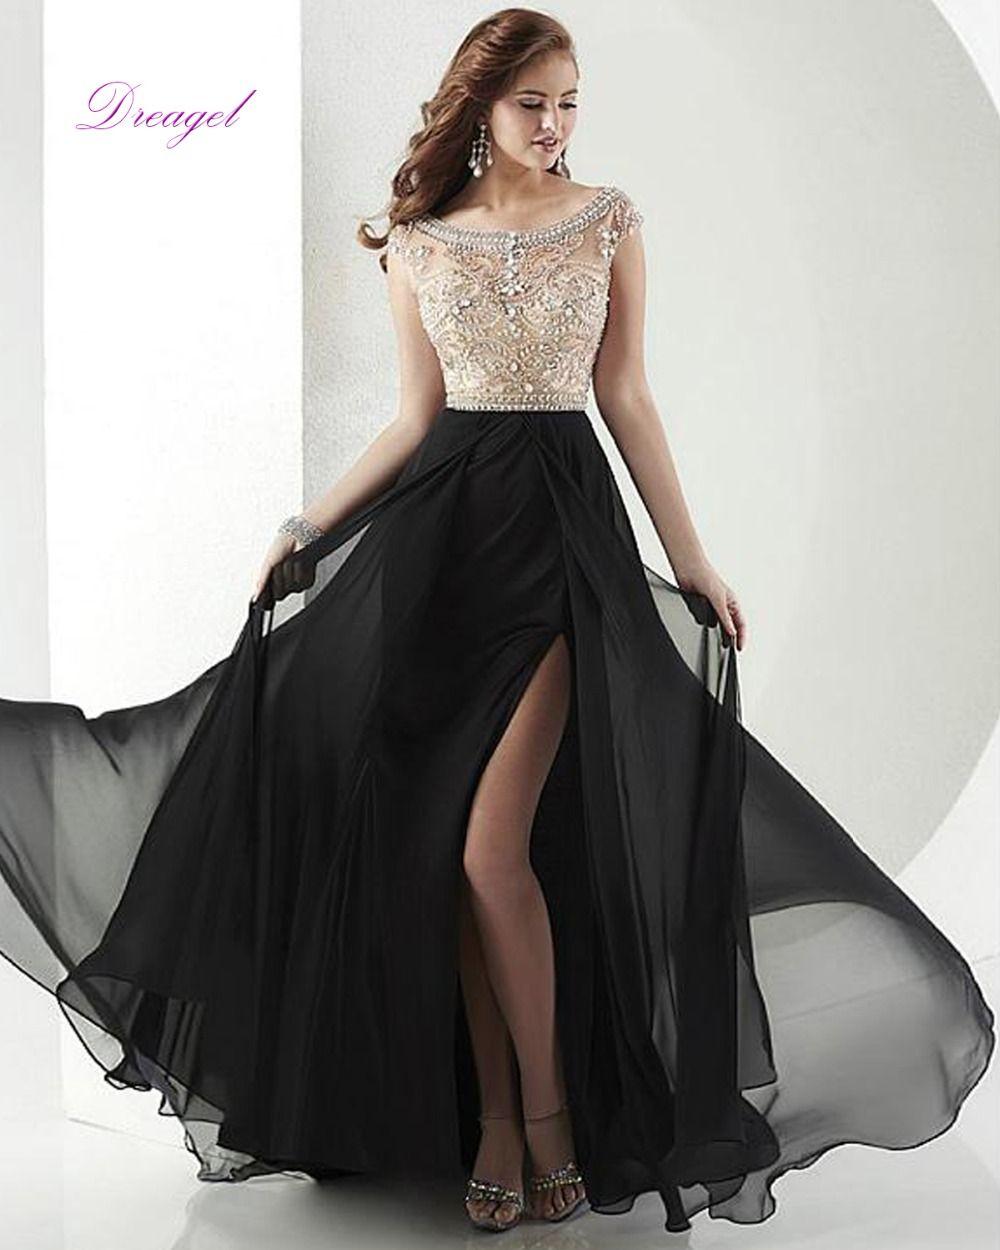 B chic prom dresses velvet best dress ideas pinterest prom